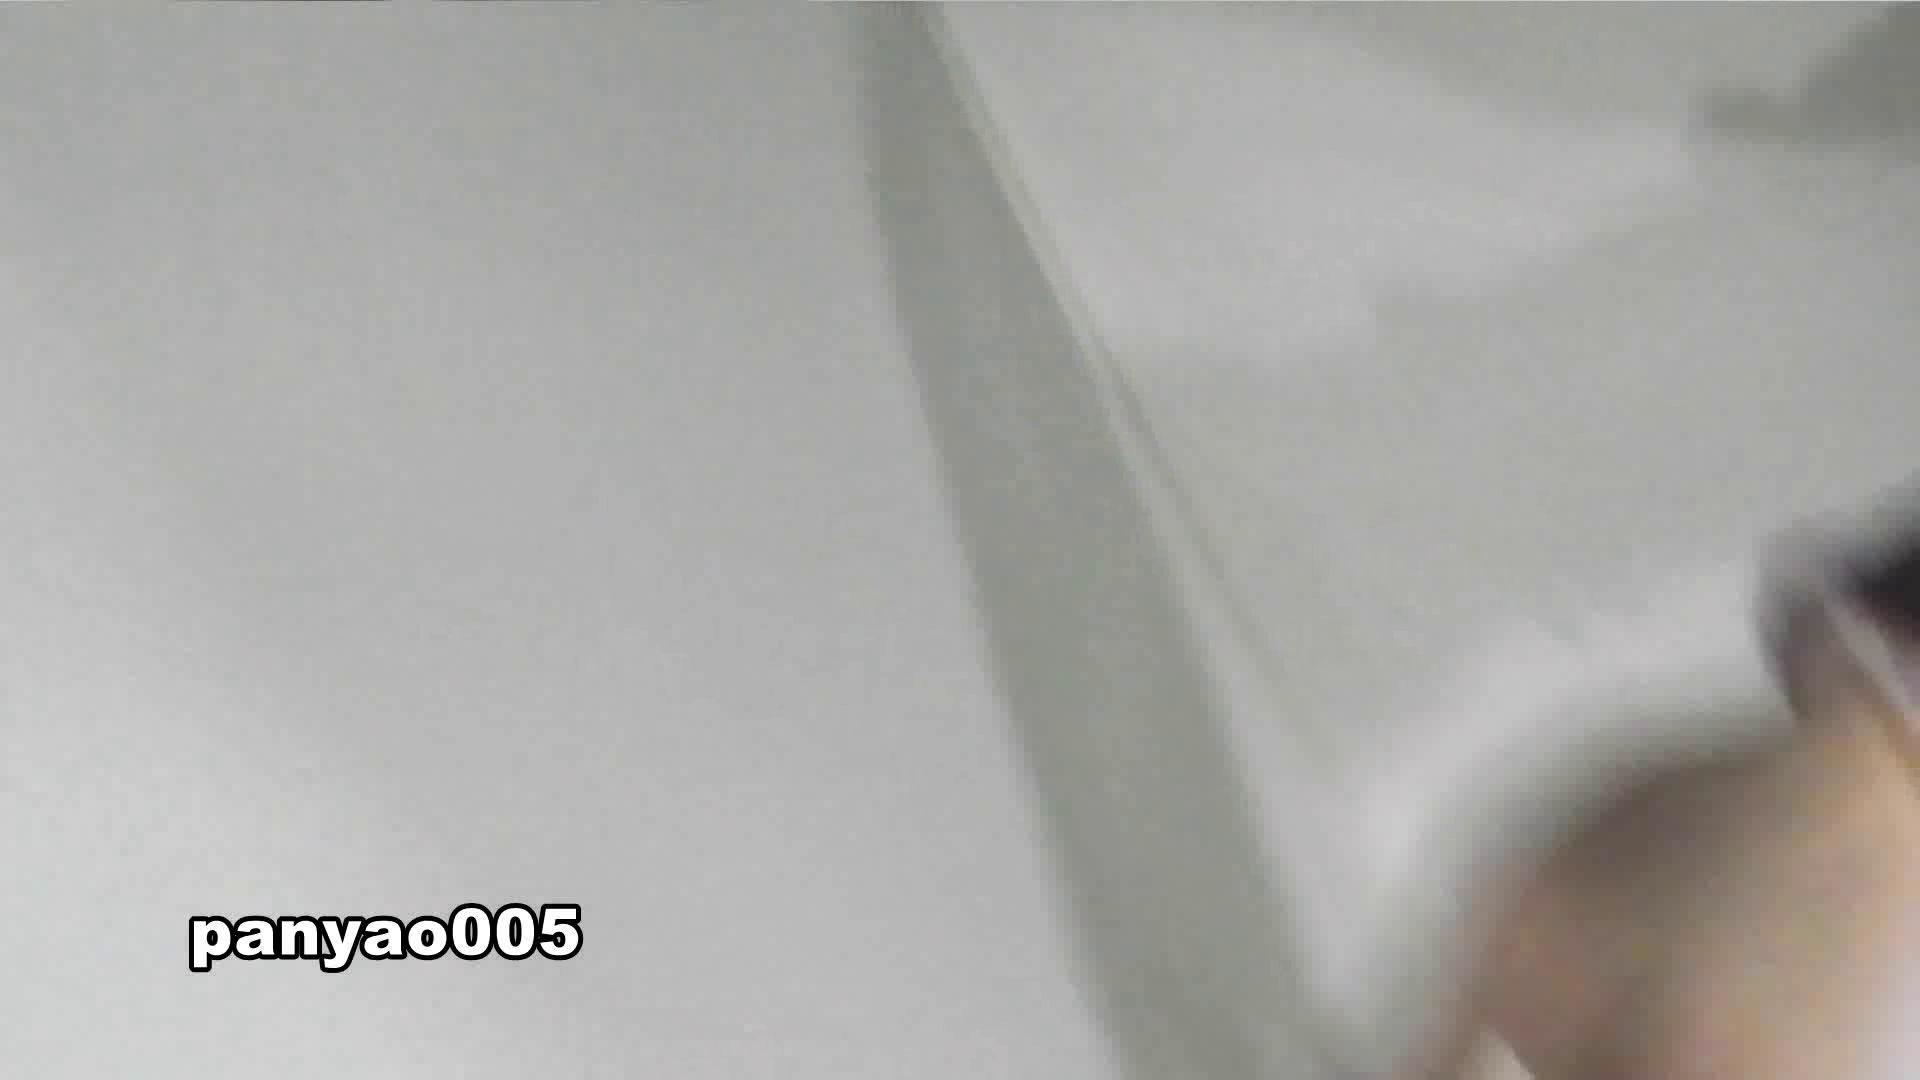 日本成人用品展览会。vol.05 そんな格好で… 潜入 オメコ動画キャプチャ 82画像 29